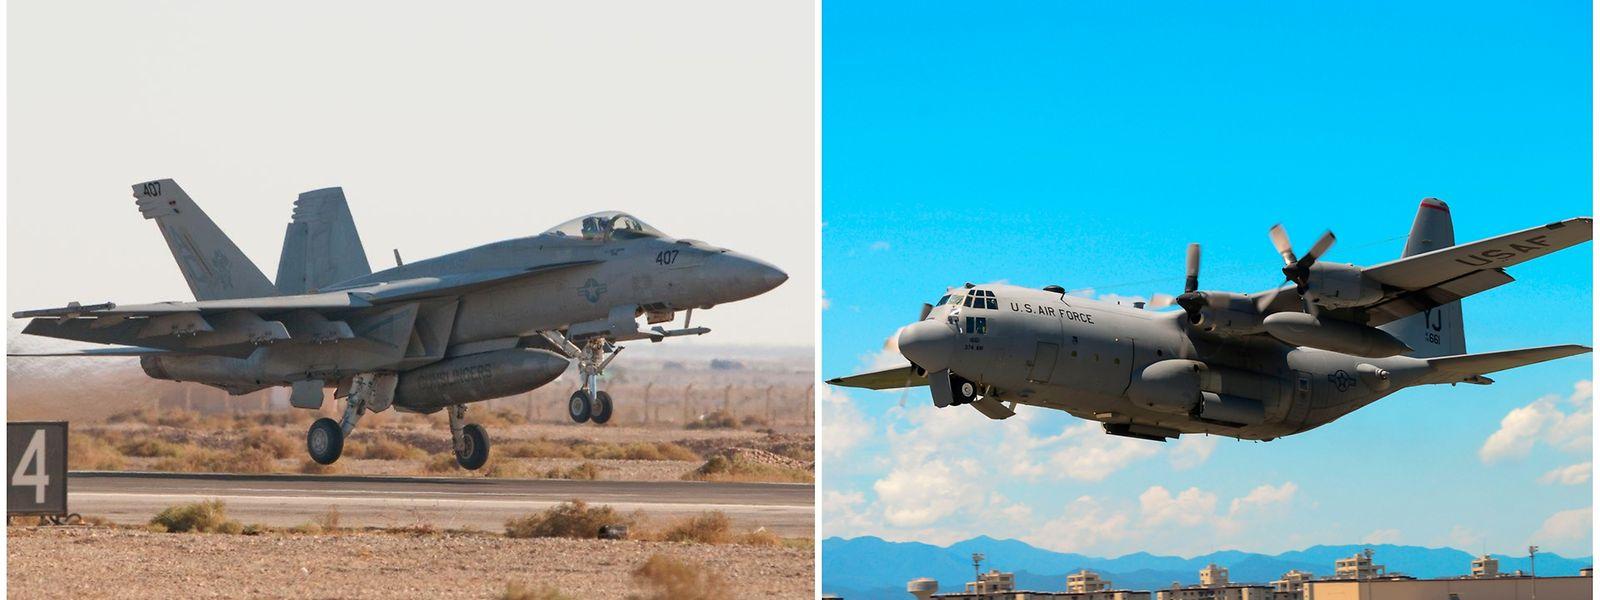 Der F18-Kampfjet (links) kollidierte möglicherweise beim Auftanken mit dem Tankflugzeug vom Typ KC 130 Hercules.